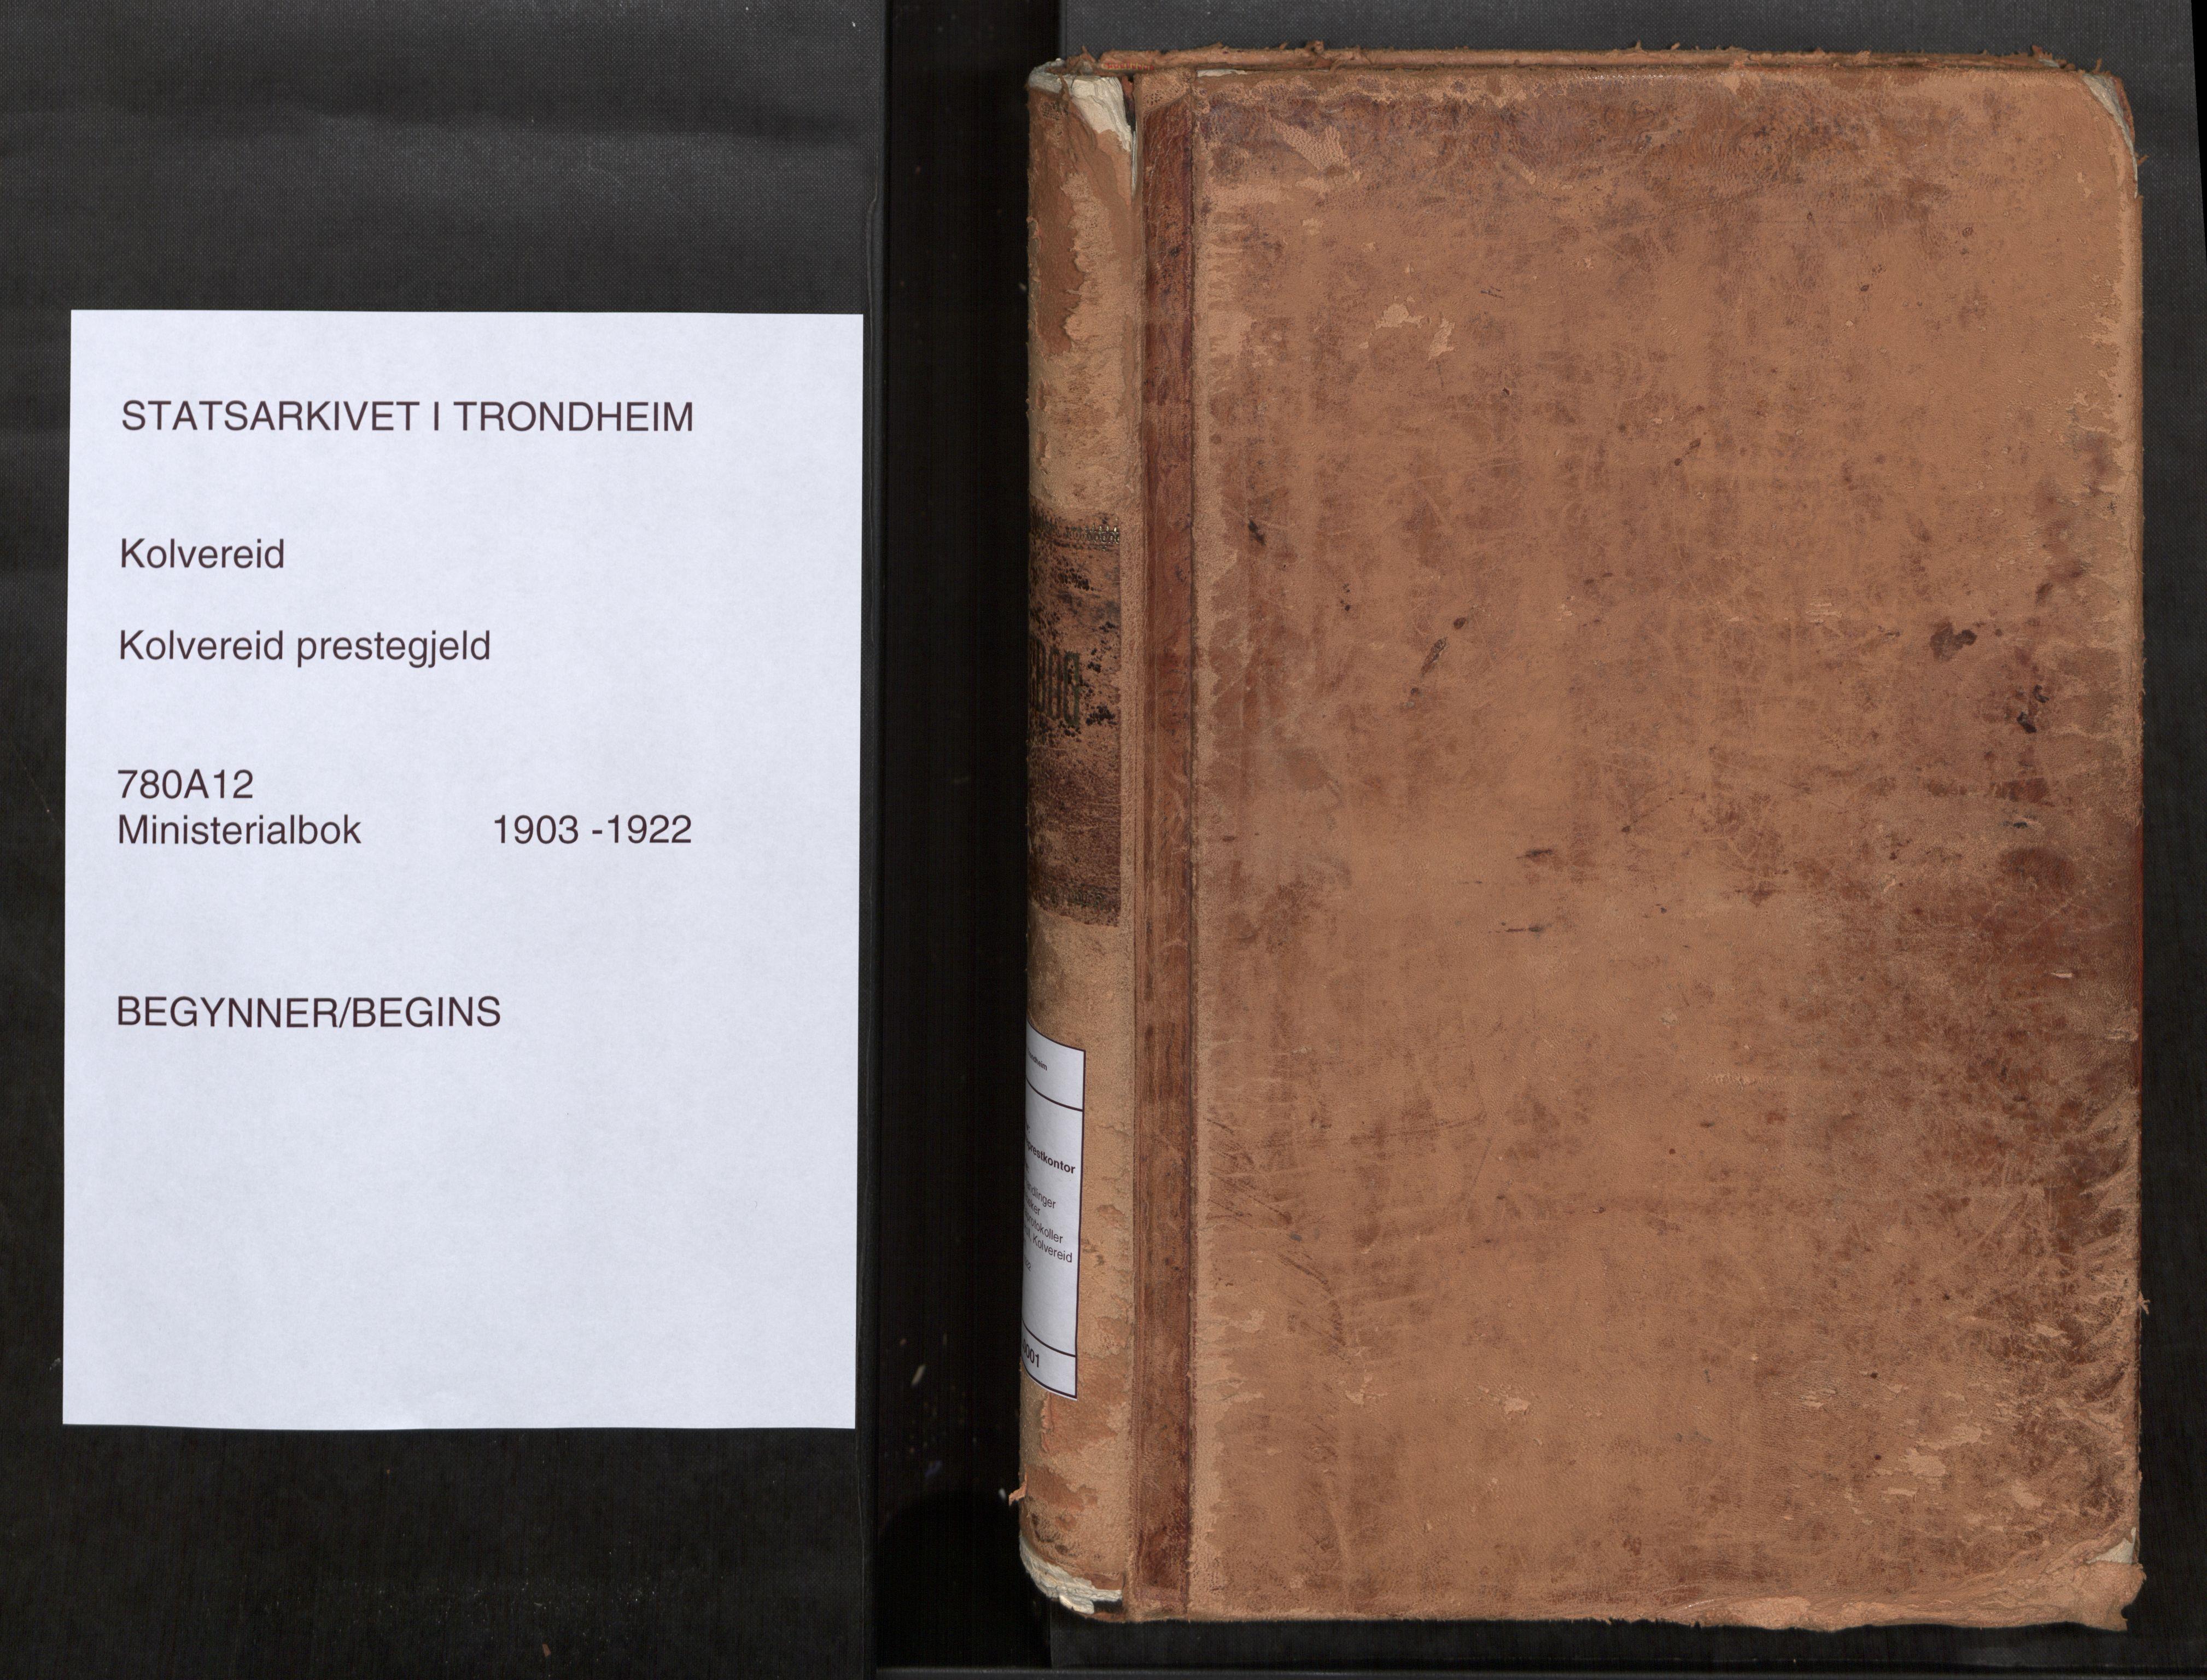 SAT, Kolvereid sokneprestkontor, H/Ha/Haa/L0001: Parish register (official) no. 1, 1903-1922